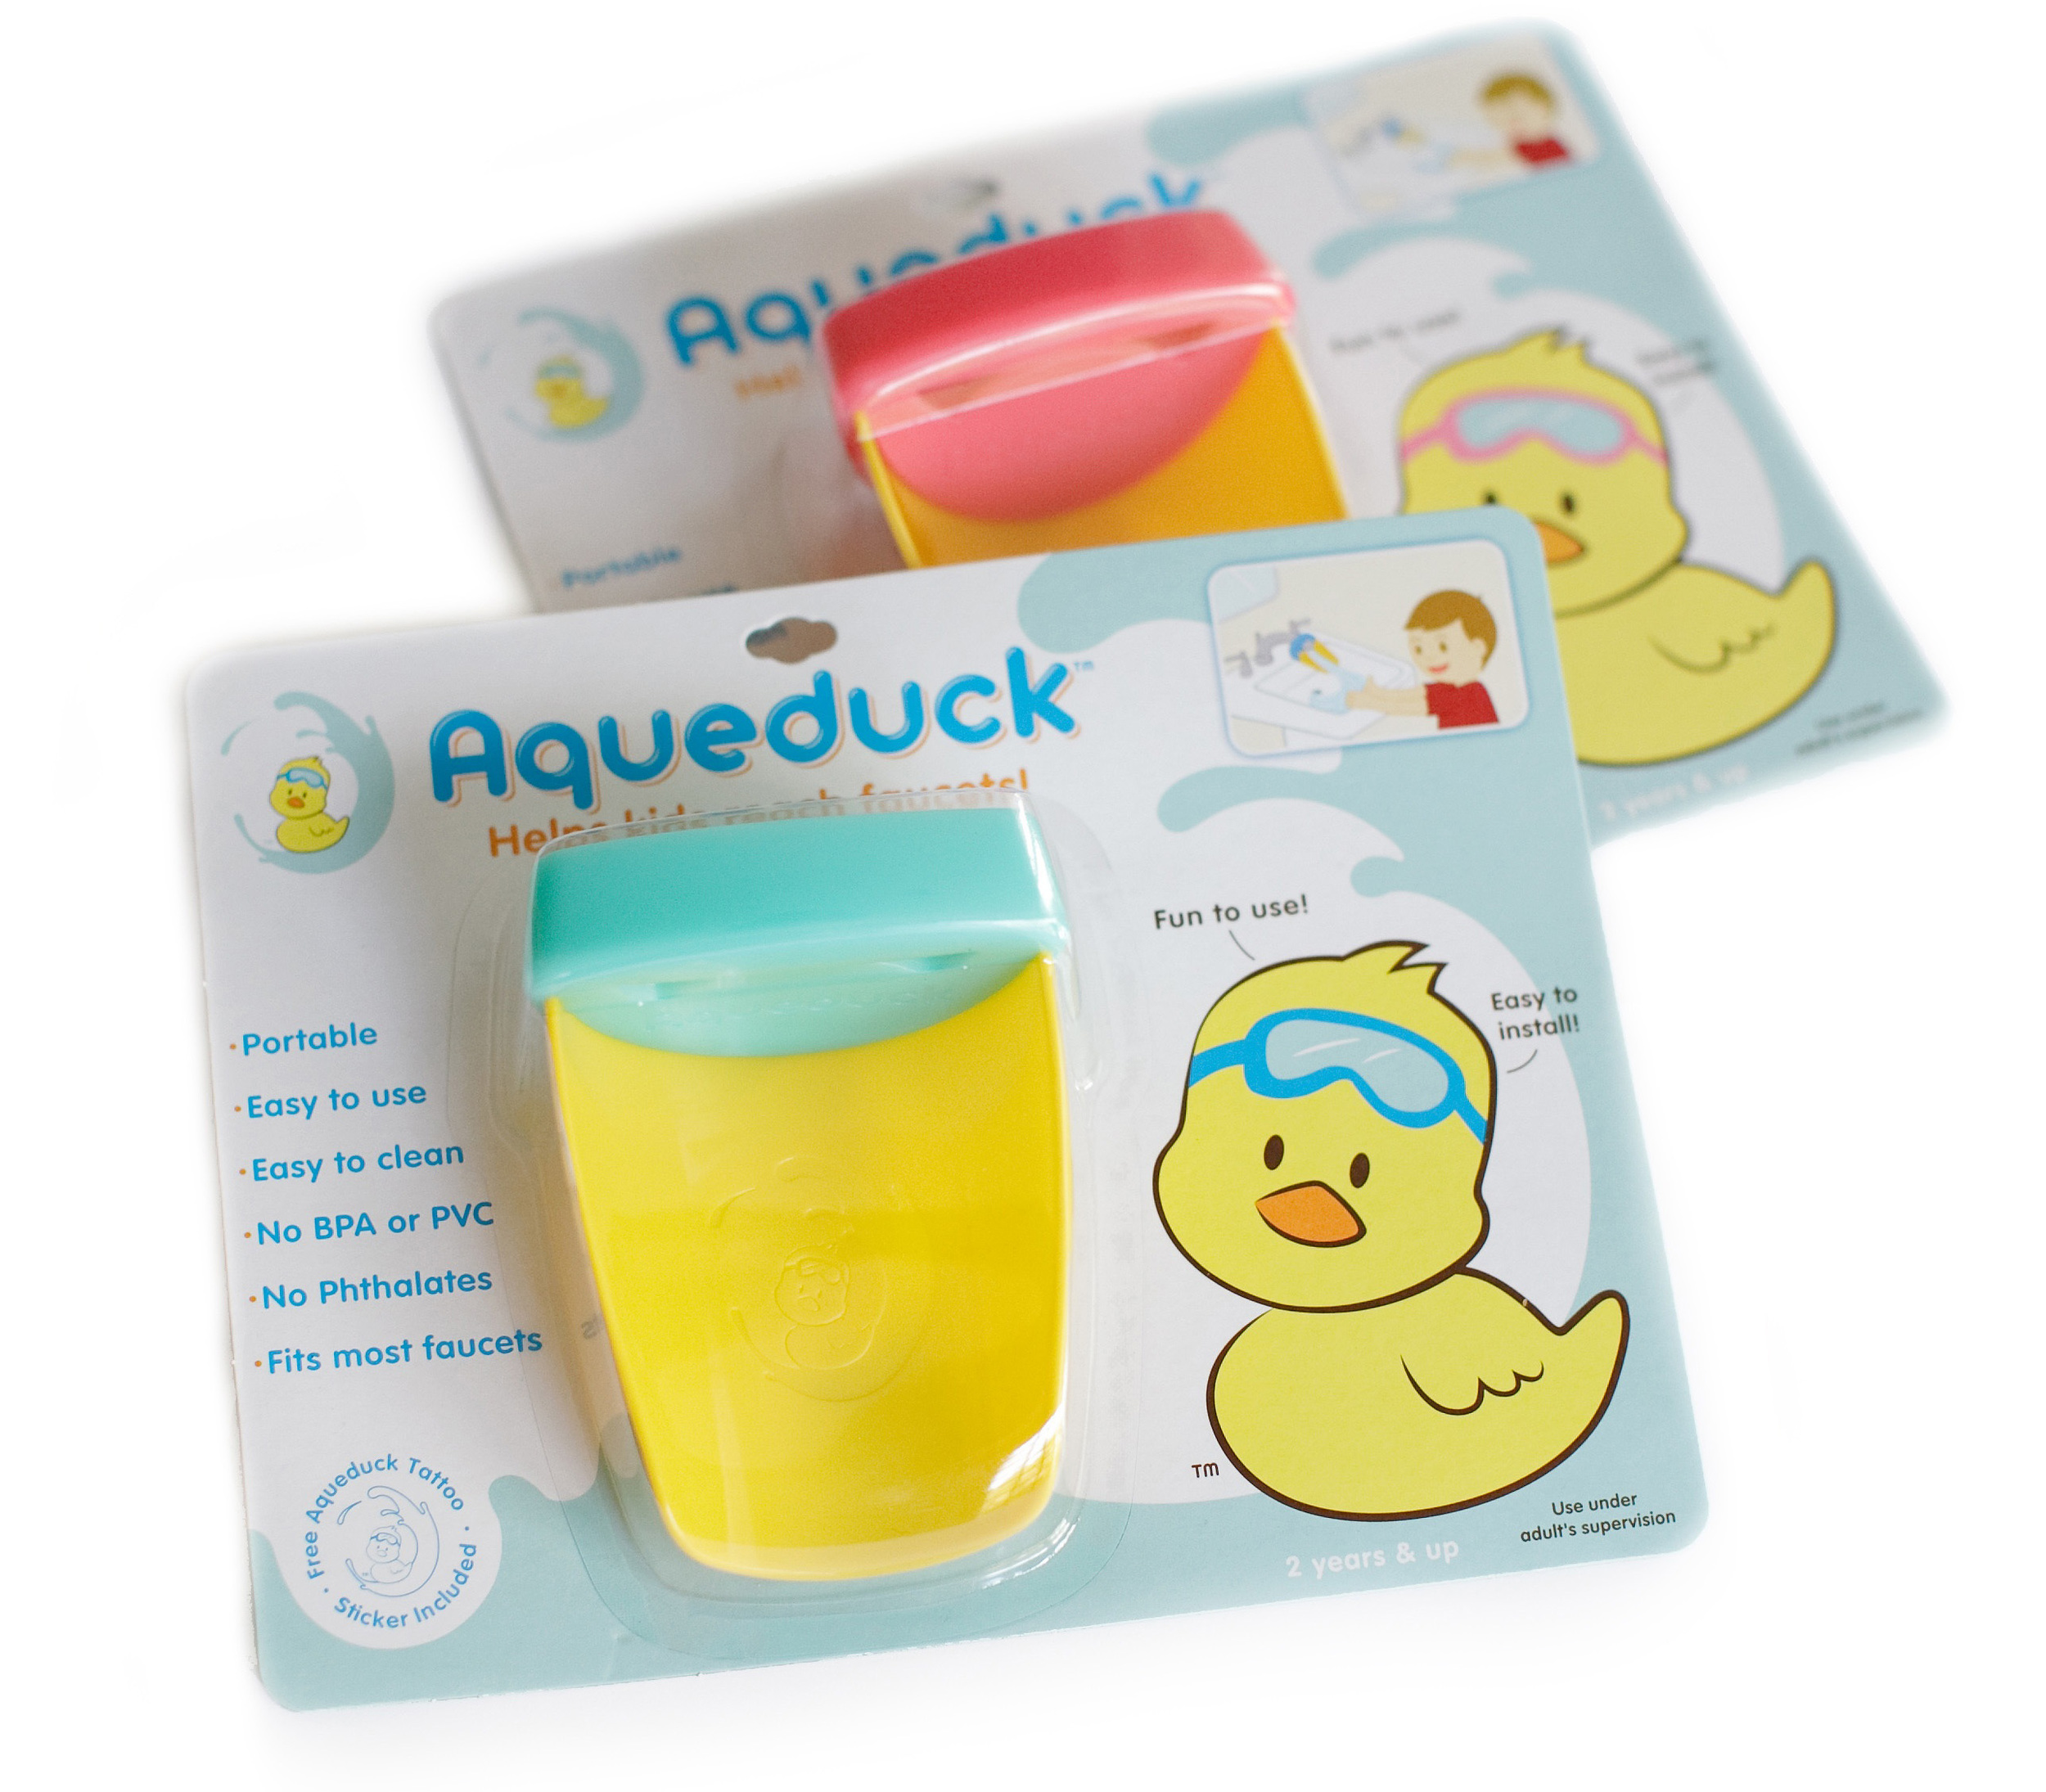 Aqueduck - Packaging.jpg